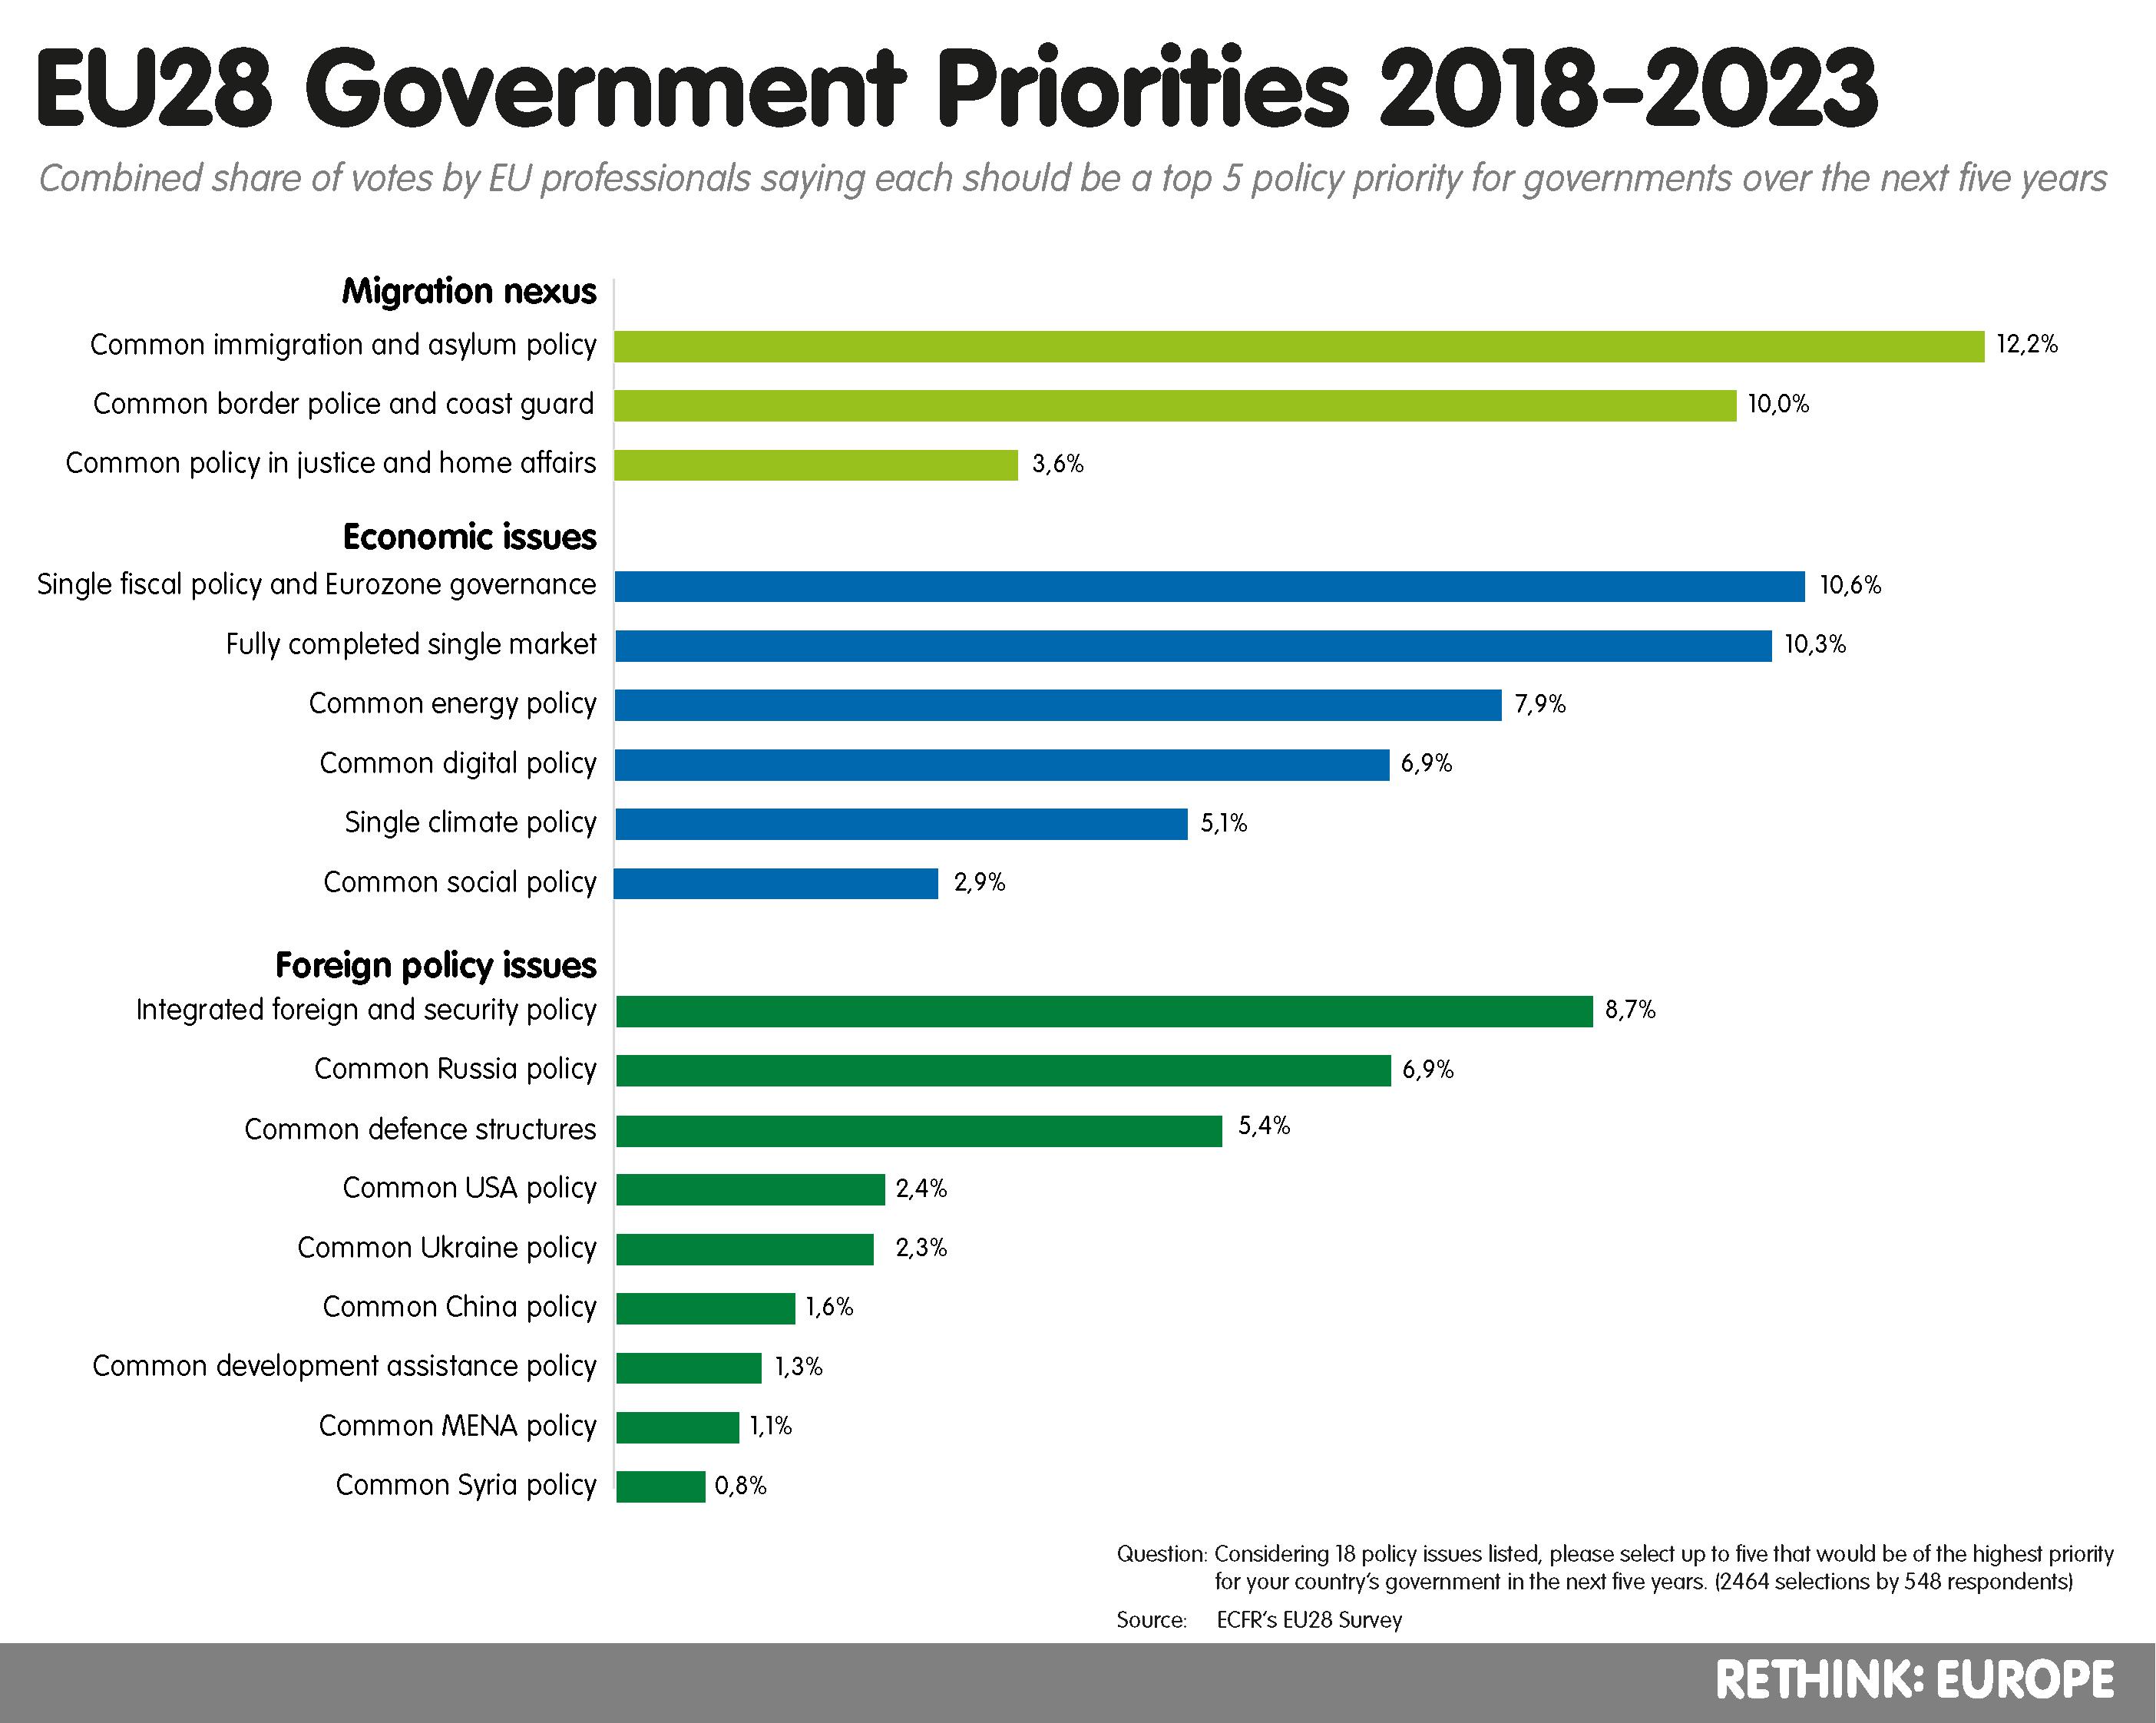 EU28 Survey - government priorities 2018-2023